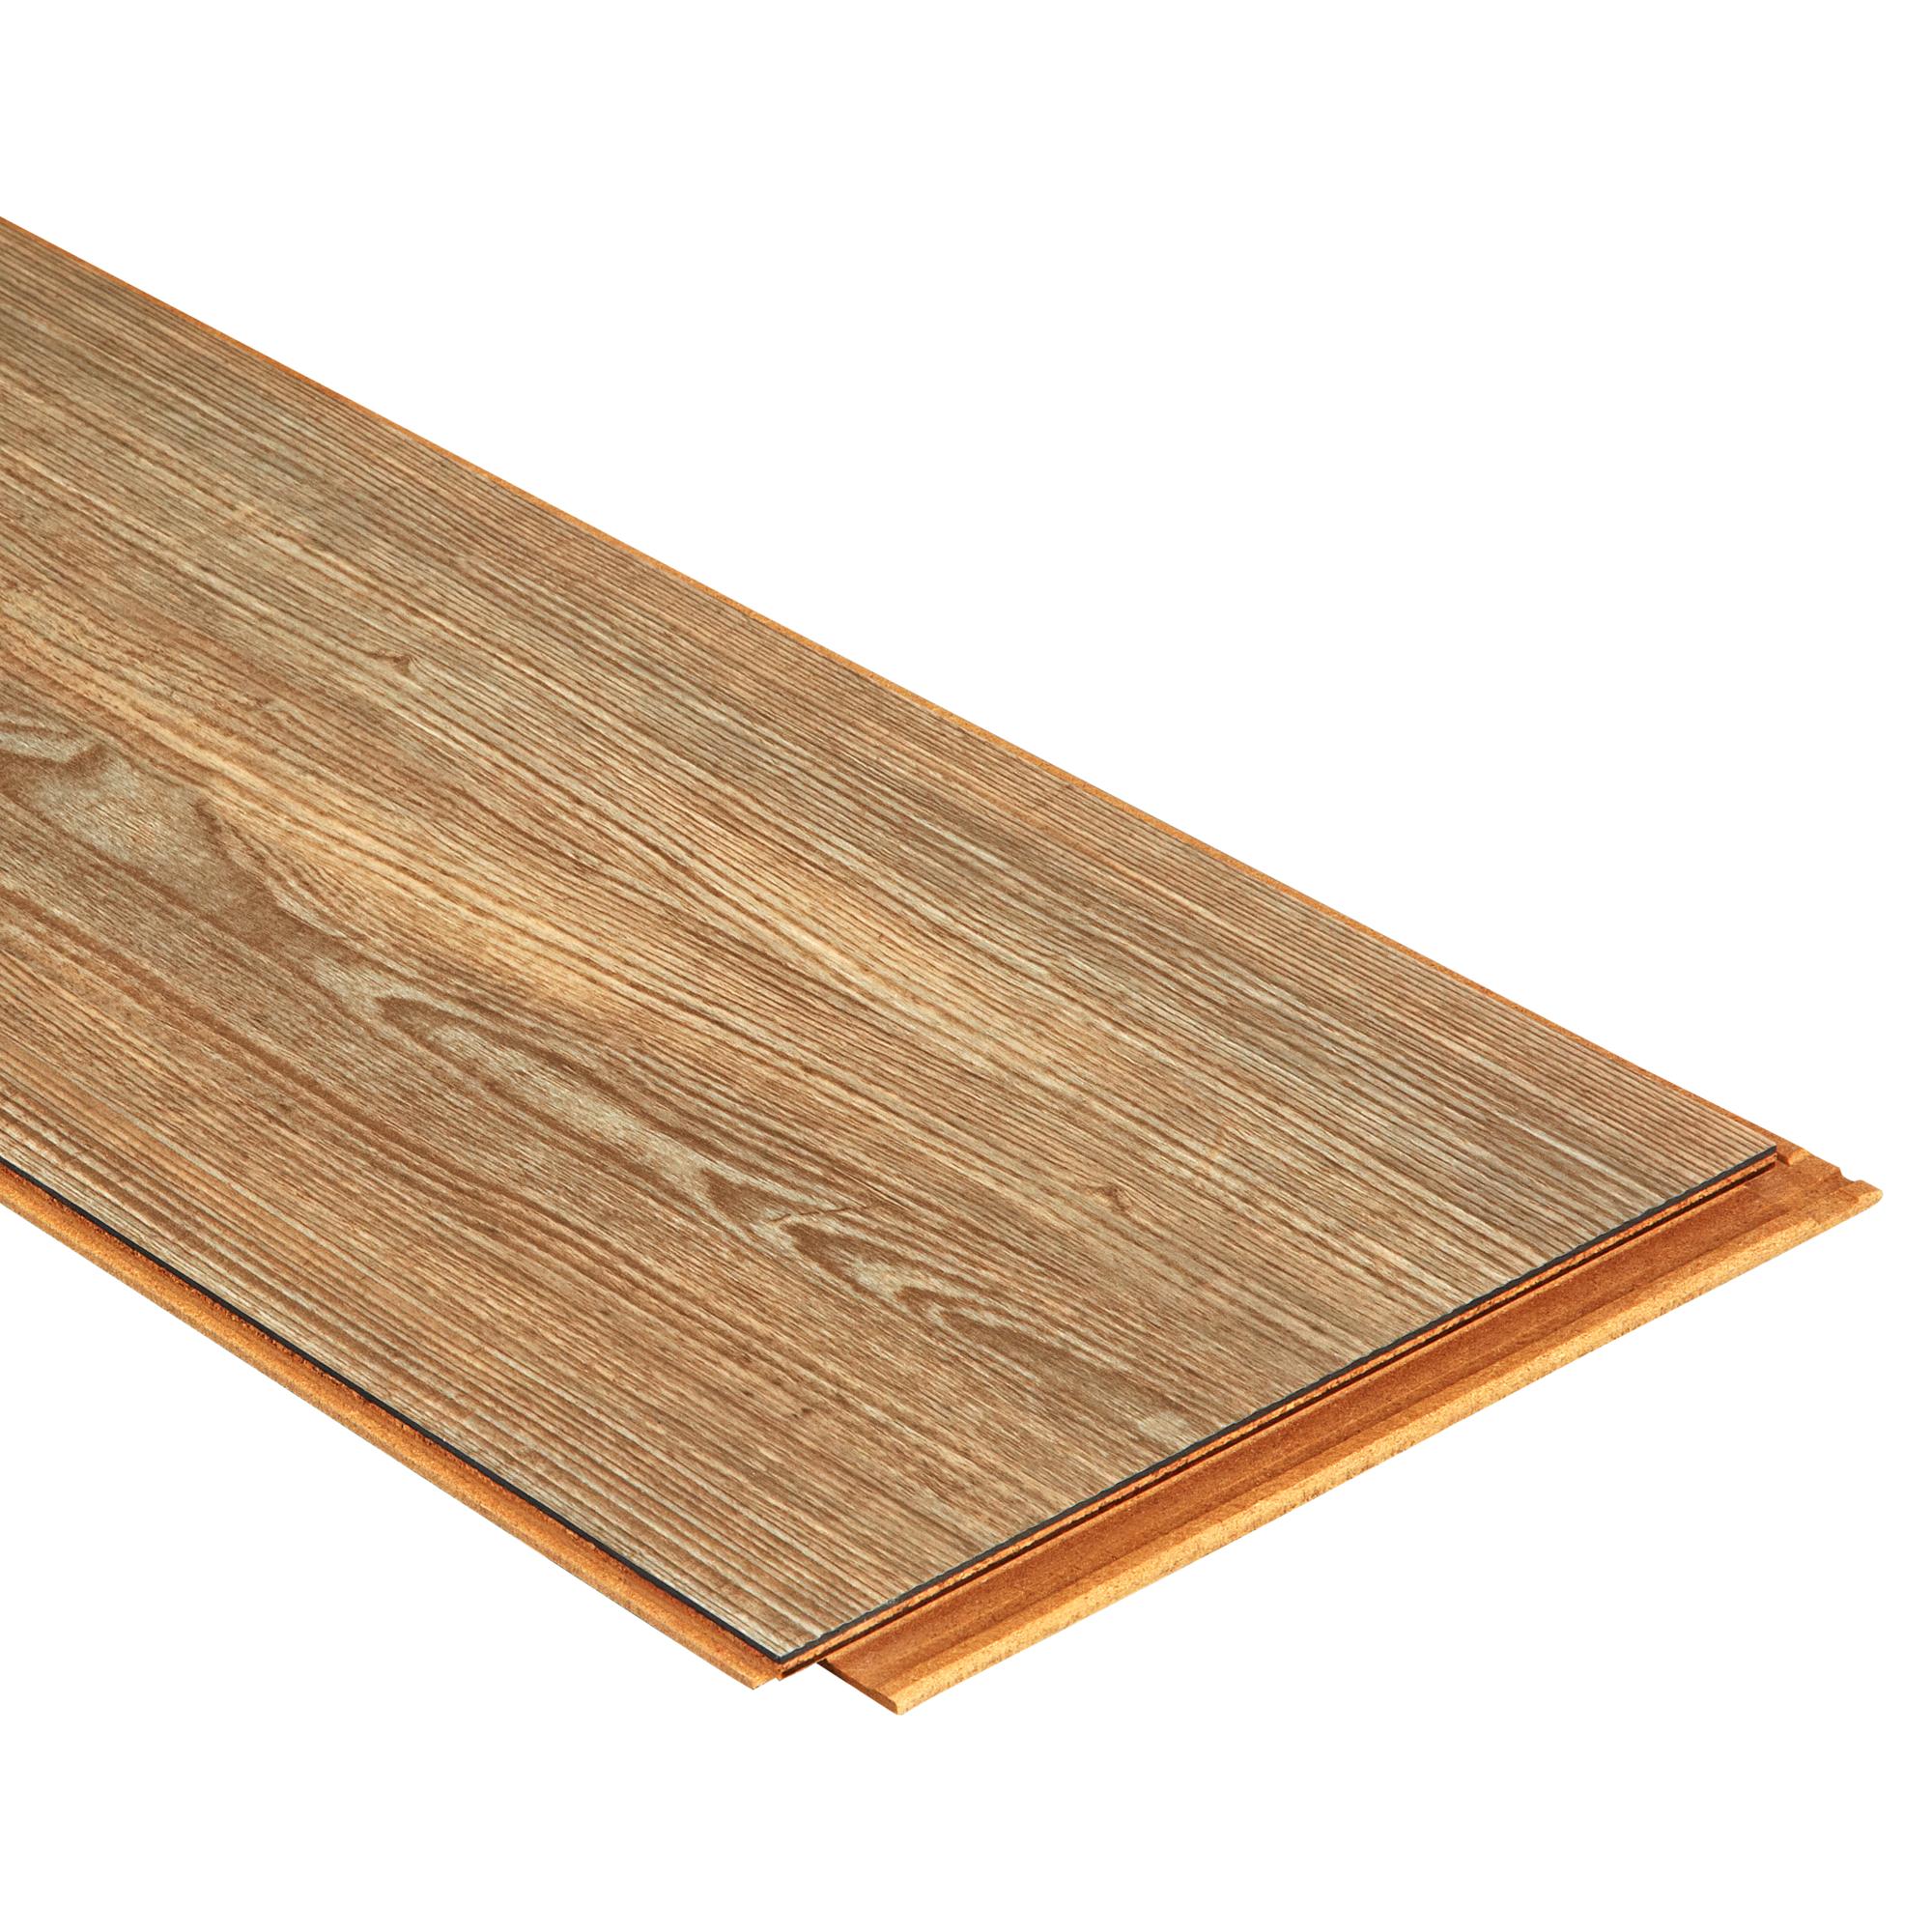 vinylboden mit kork schneiden. cool vinylboden mit kork schneiden